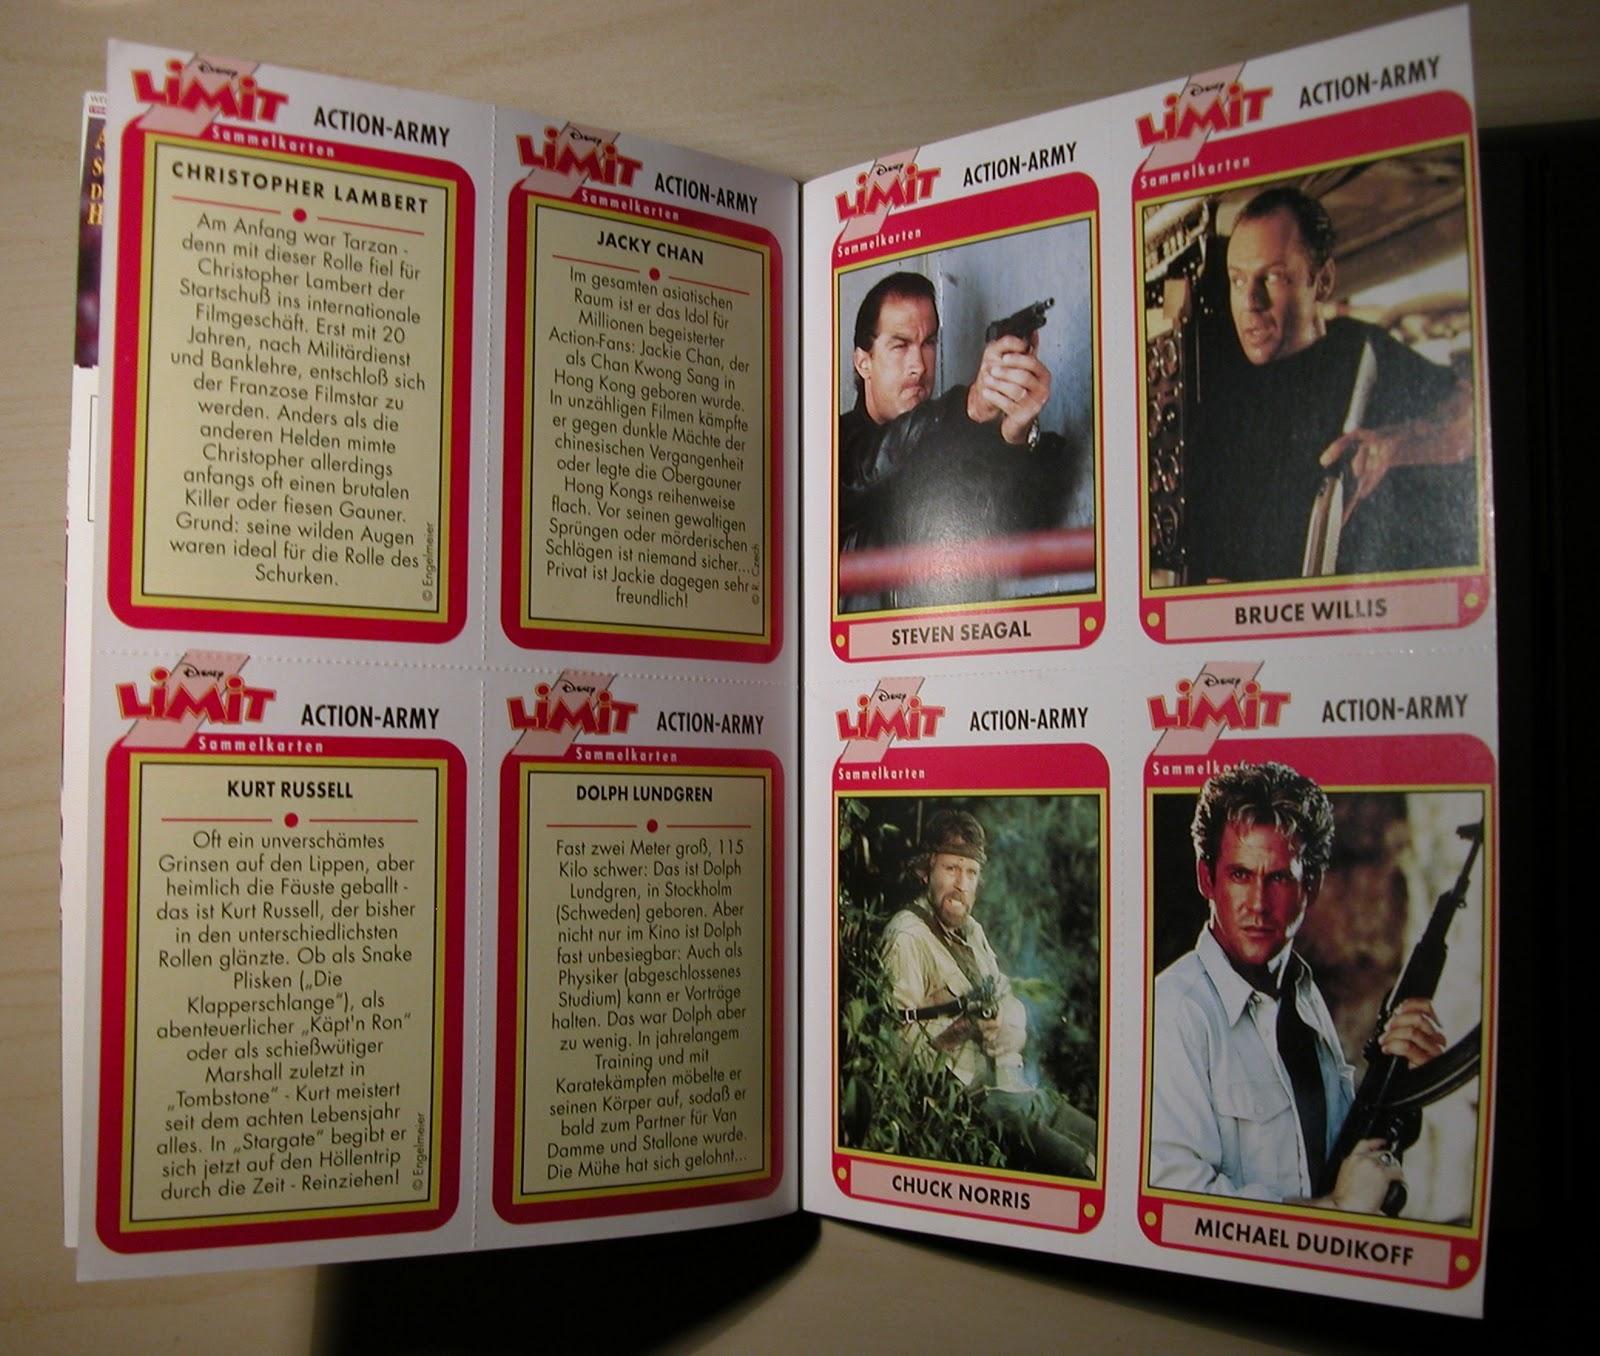 Action Army Sammelkarten aus dem Limit Magazin von ehepa